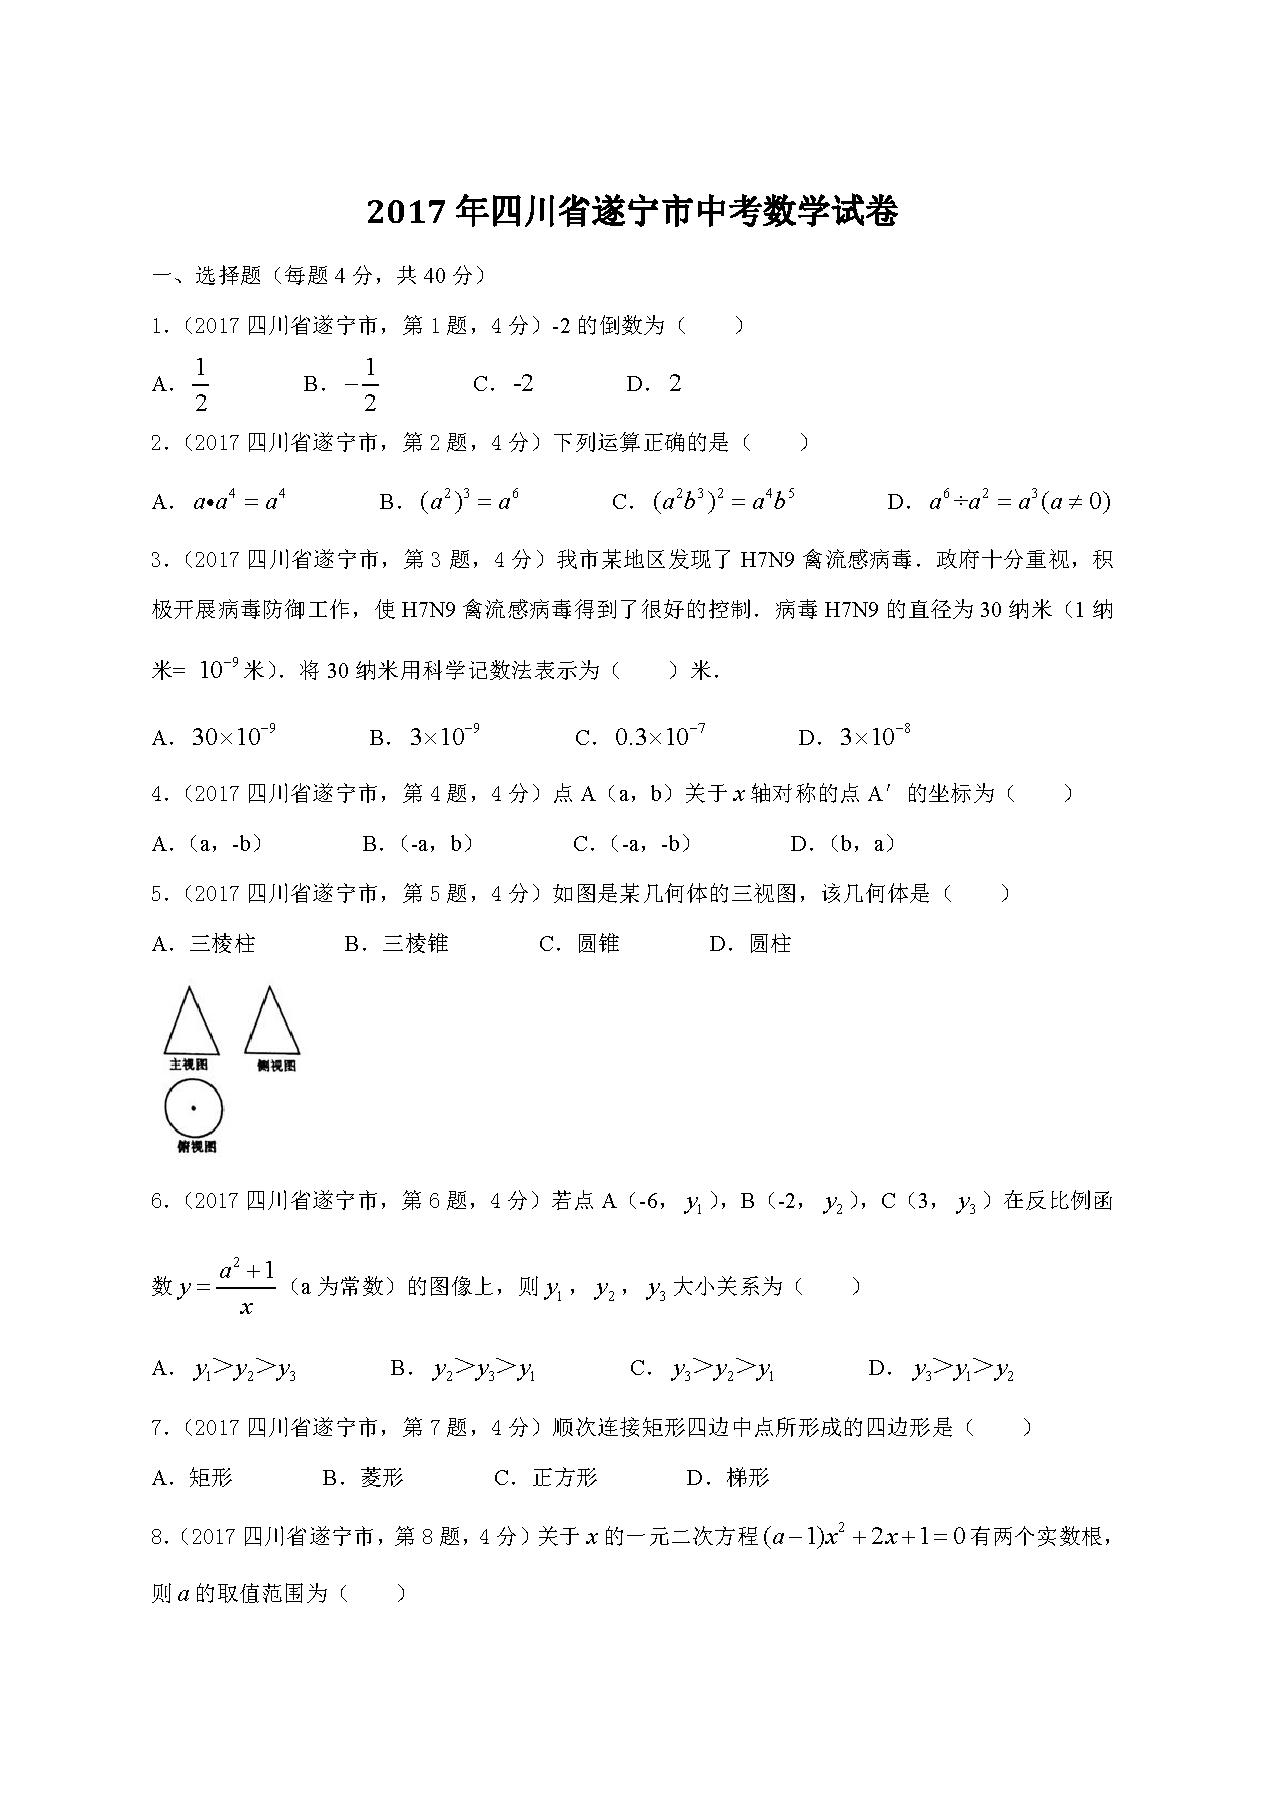 四川遂宁2017年中考数学试题(图片版)